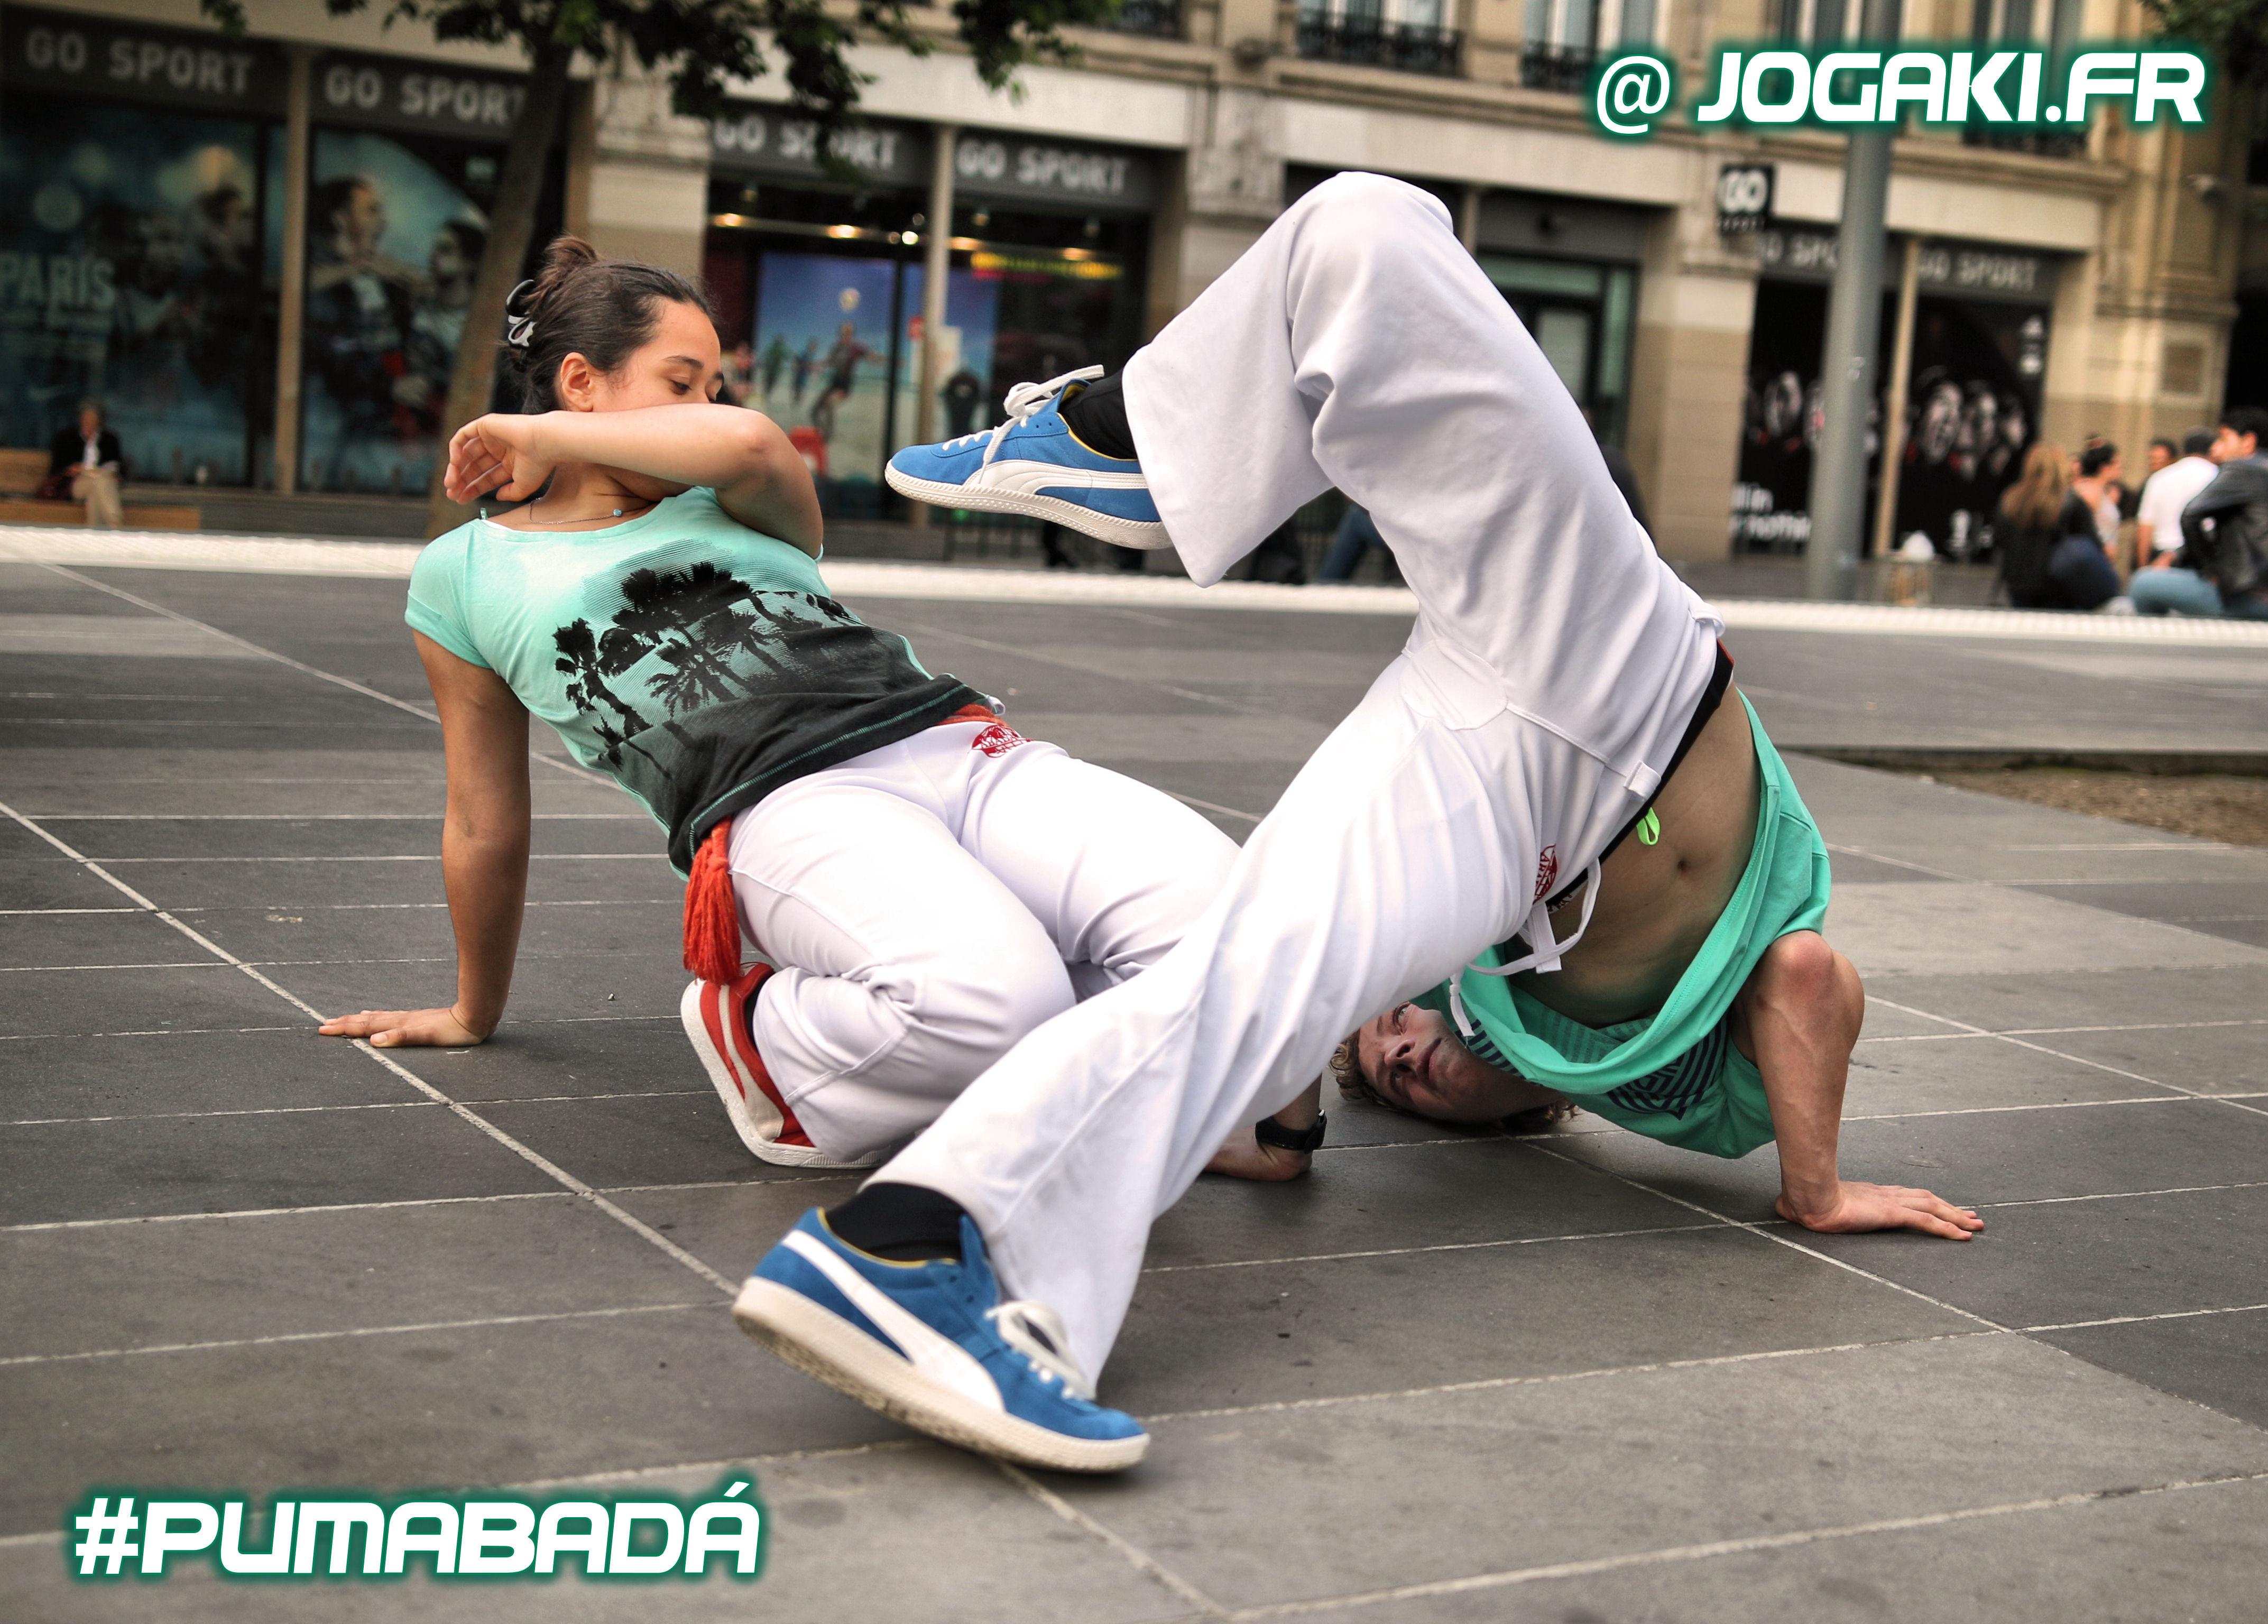 spectacle-de-capoeira-paris-danseurs-bresil-puma-soiree